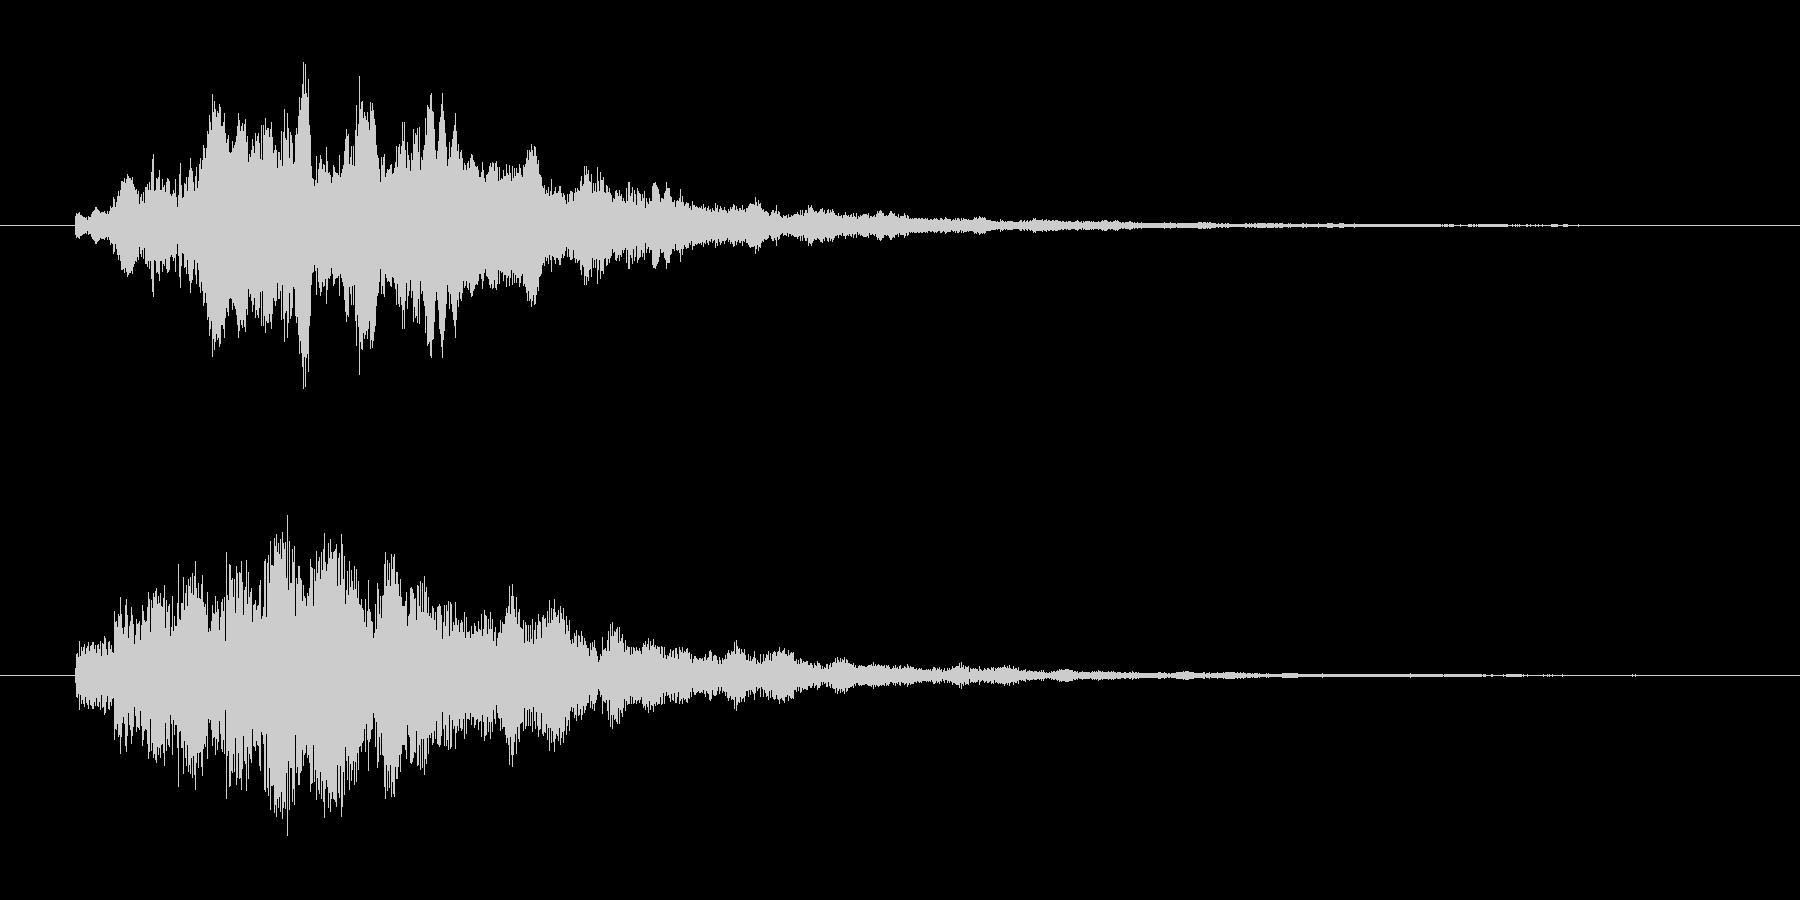 透明感ある、近未来的なアラーム音の未再生の波形